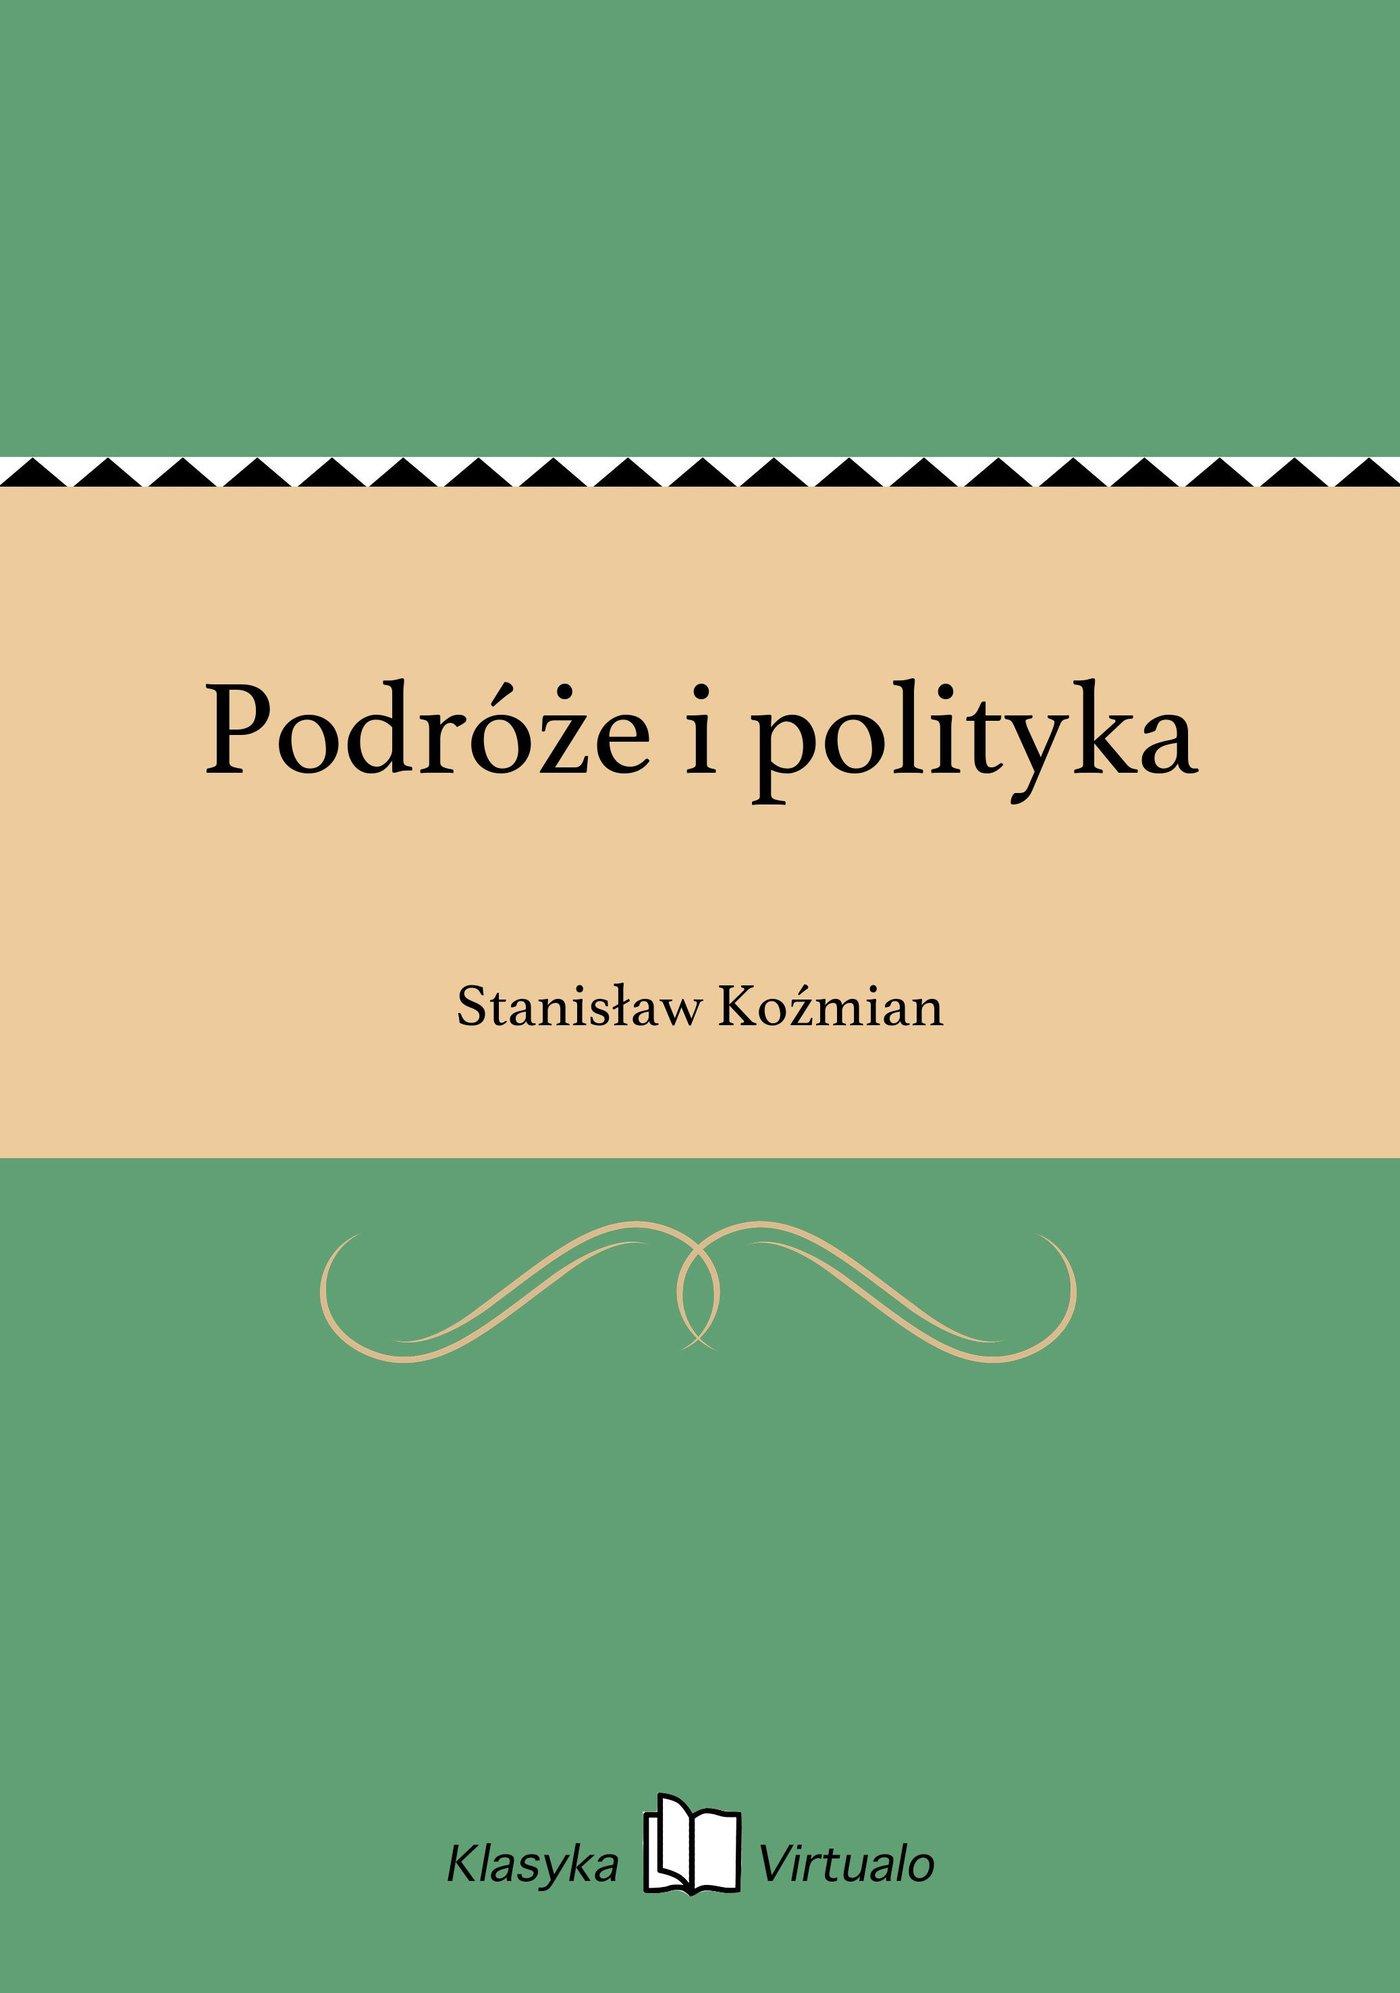 Podróże i polityka - Ebook (Książka EPUB) do pobrania w formacie EPUB